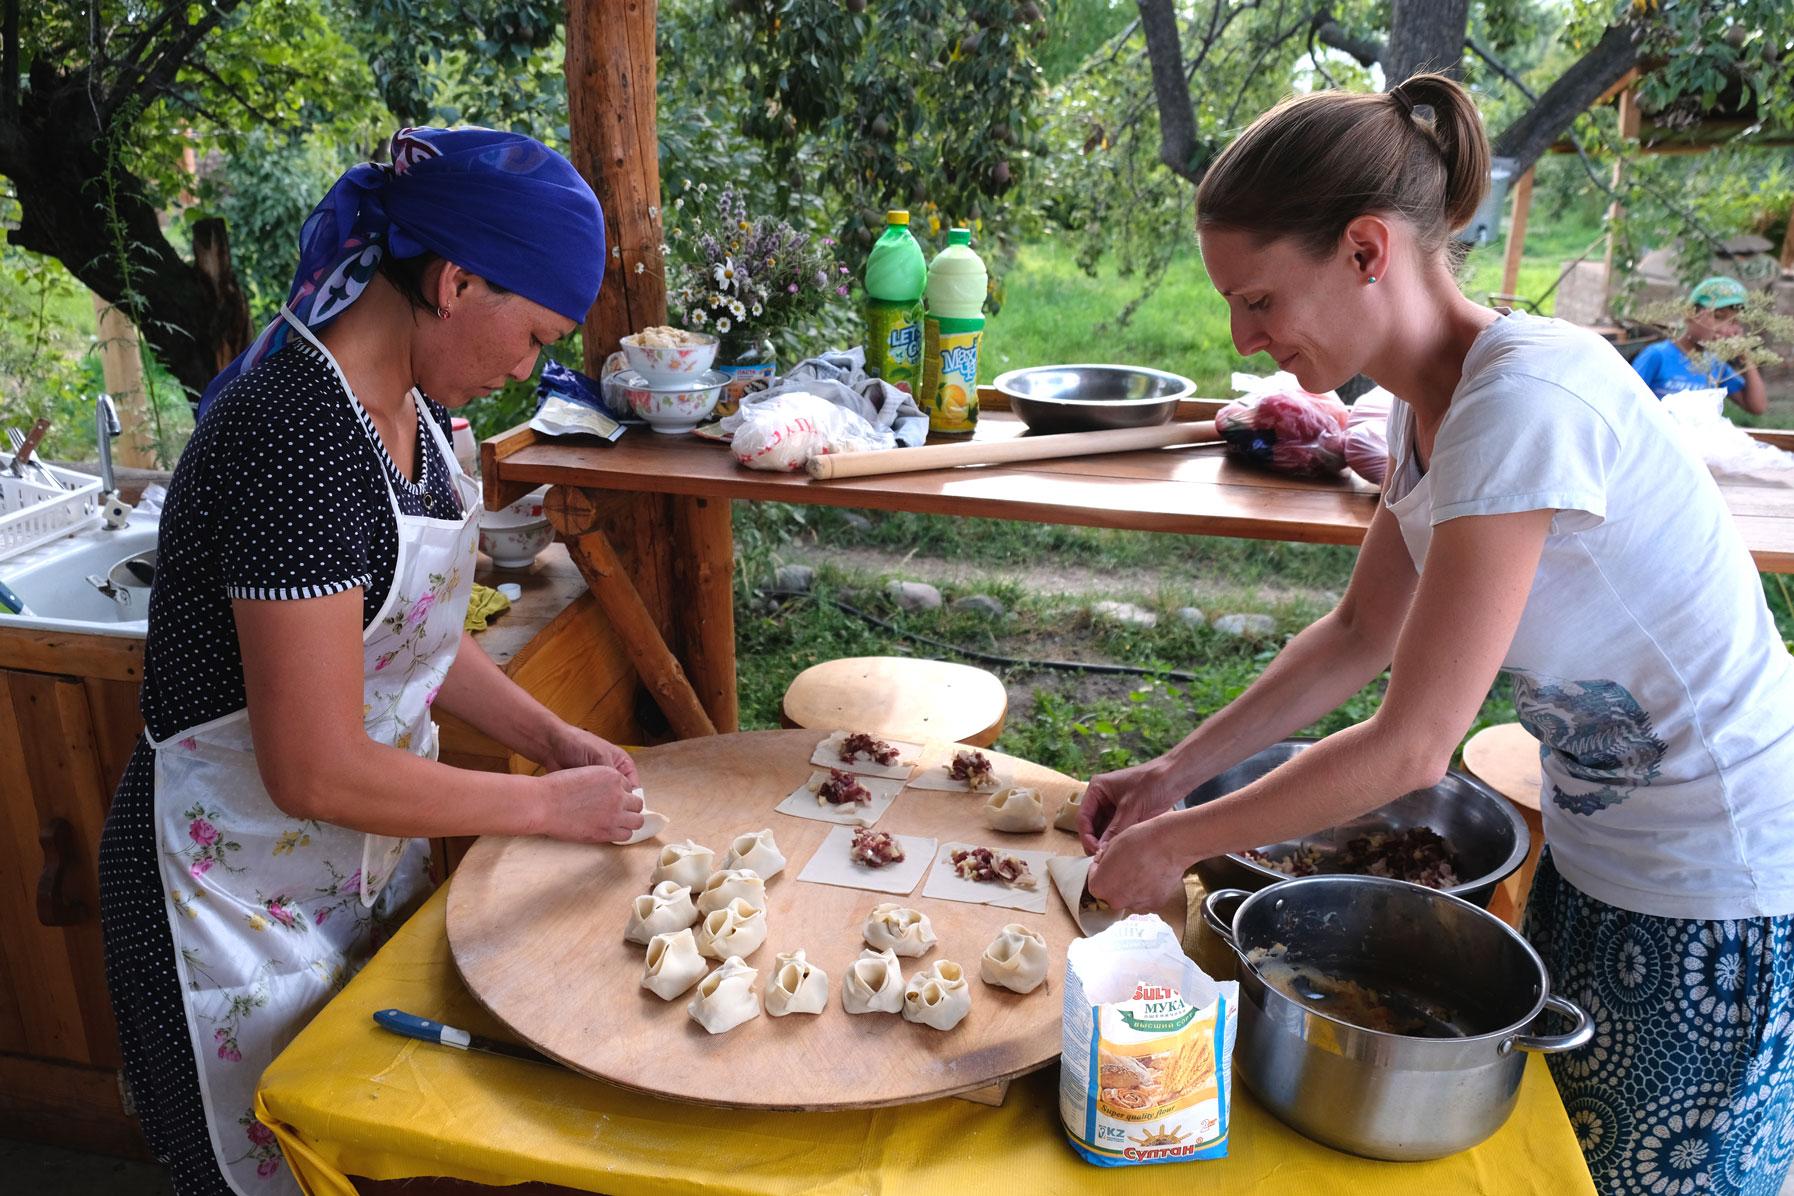 Wir lernen, kirgisische Manty zuzubereiten und bringen vielleicht eine neue Fähigkeit nach der Reise mit nach Hause :-)